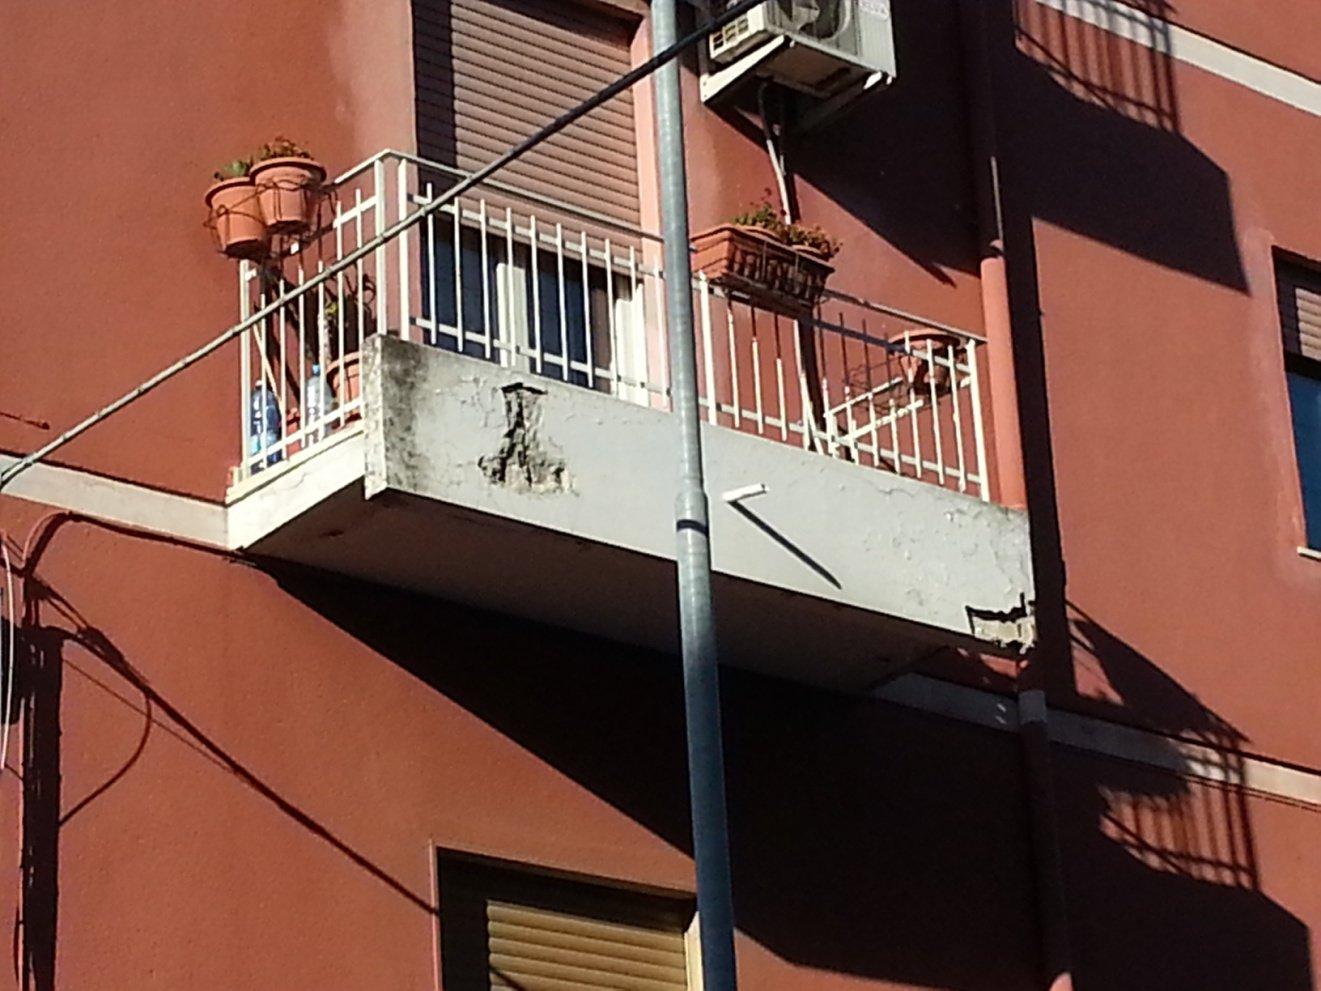 parete rosso marrone con terrazzi bianchi rovinati